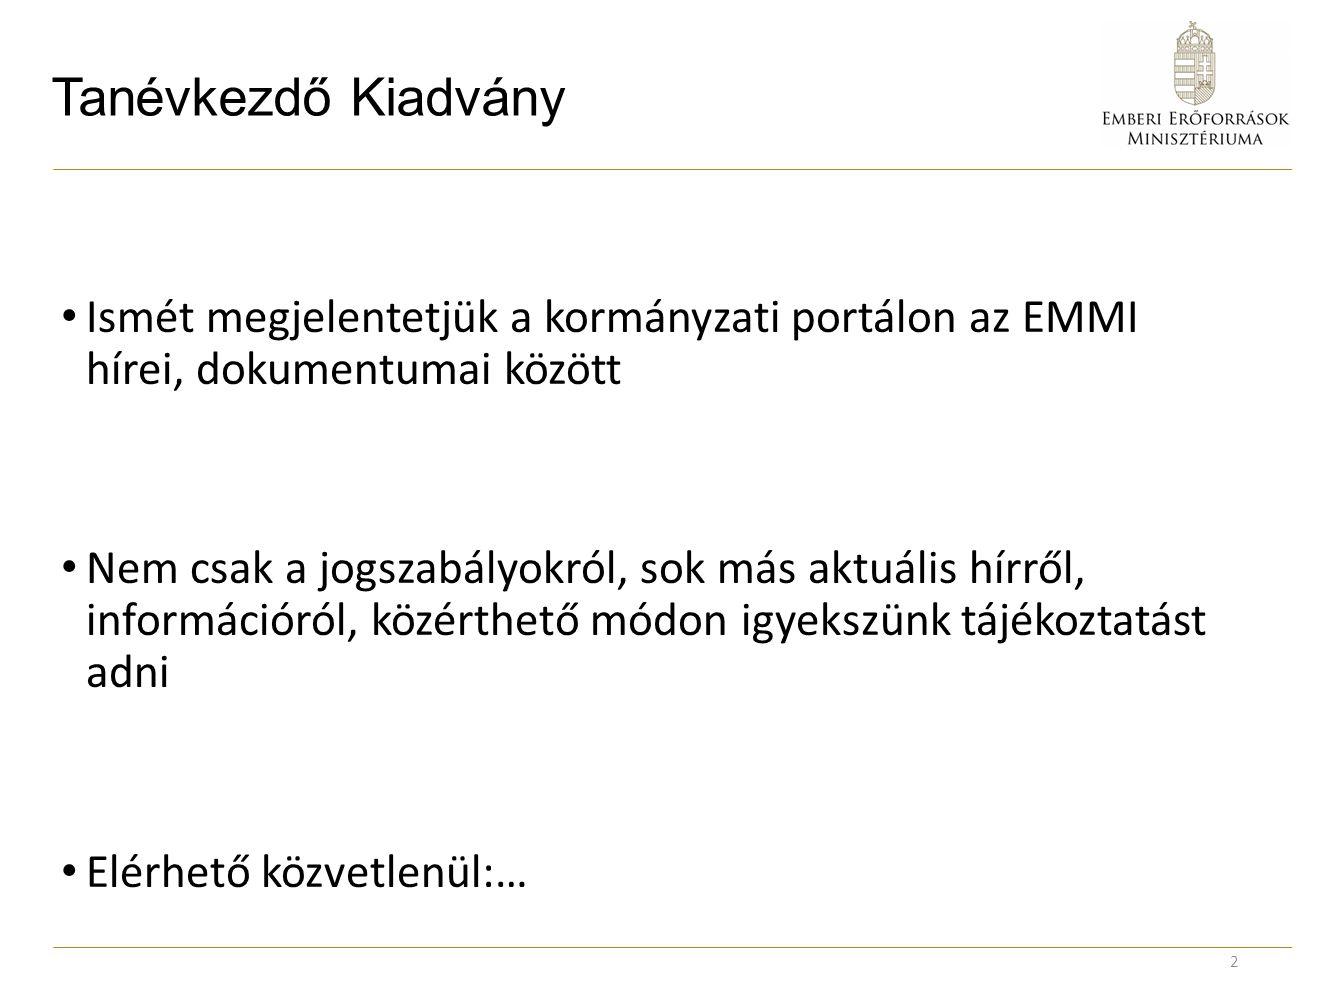 Tanévkezdő Kiadvány Ismét megjelentetjük a kormányzati portálon az EMMI hírei, dokumentumai között.